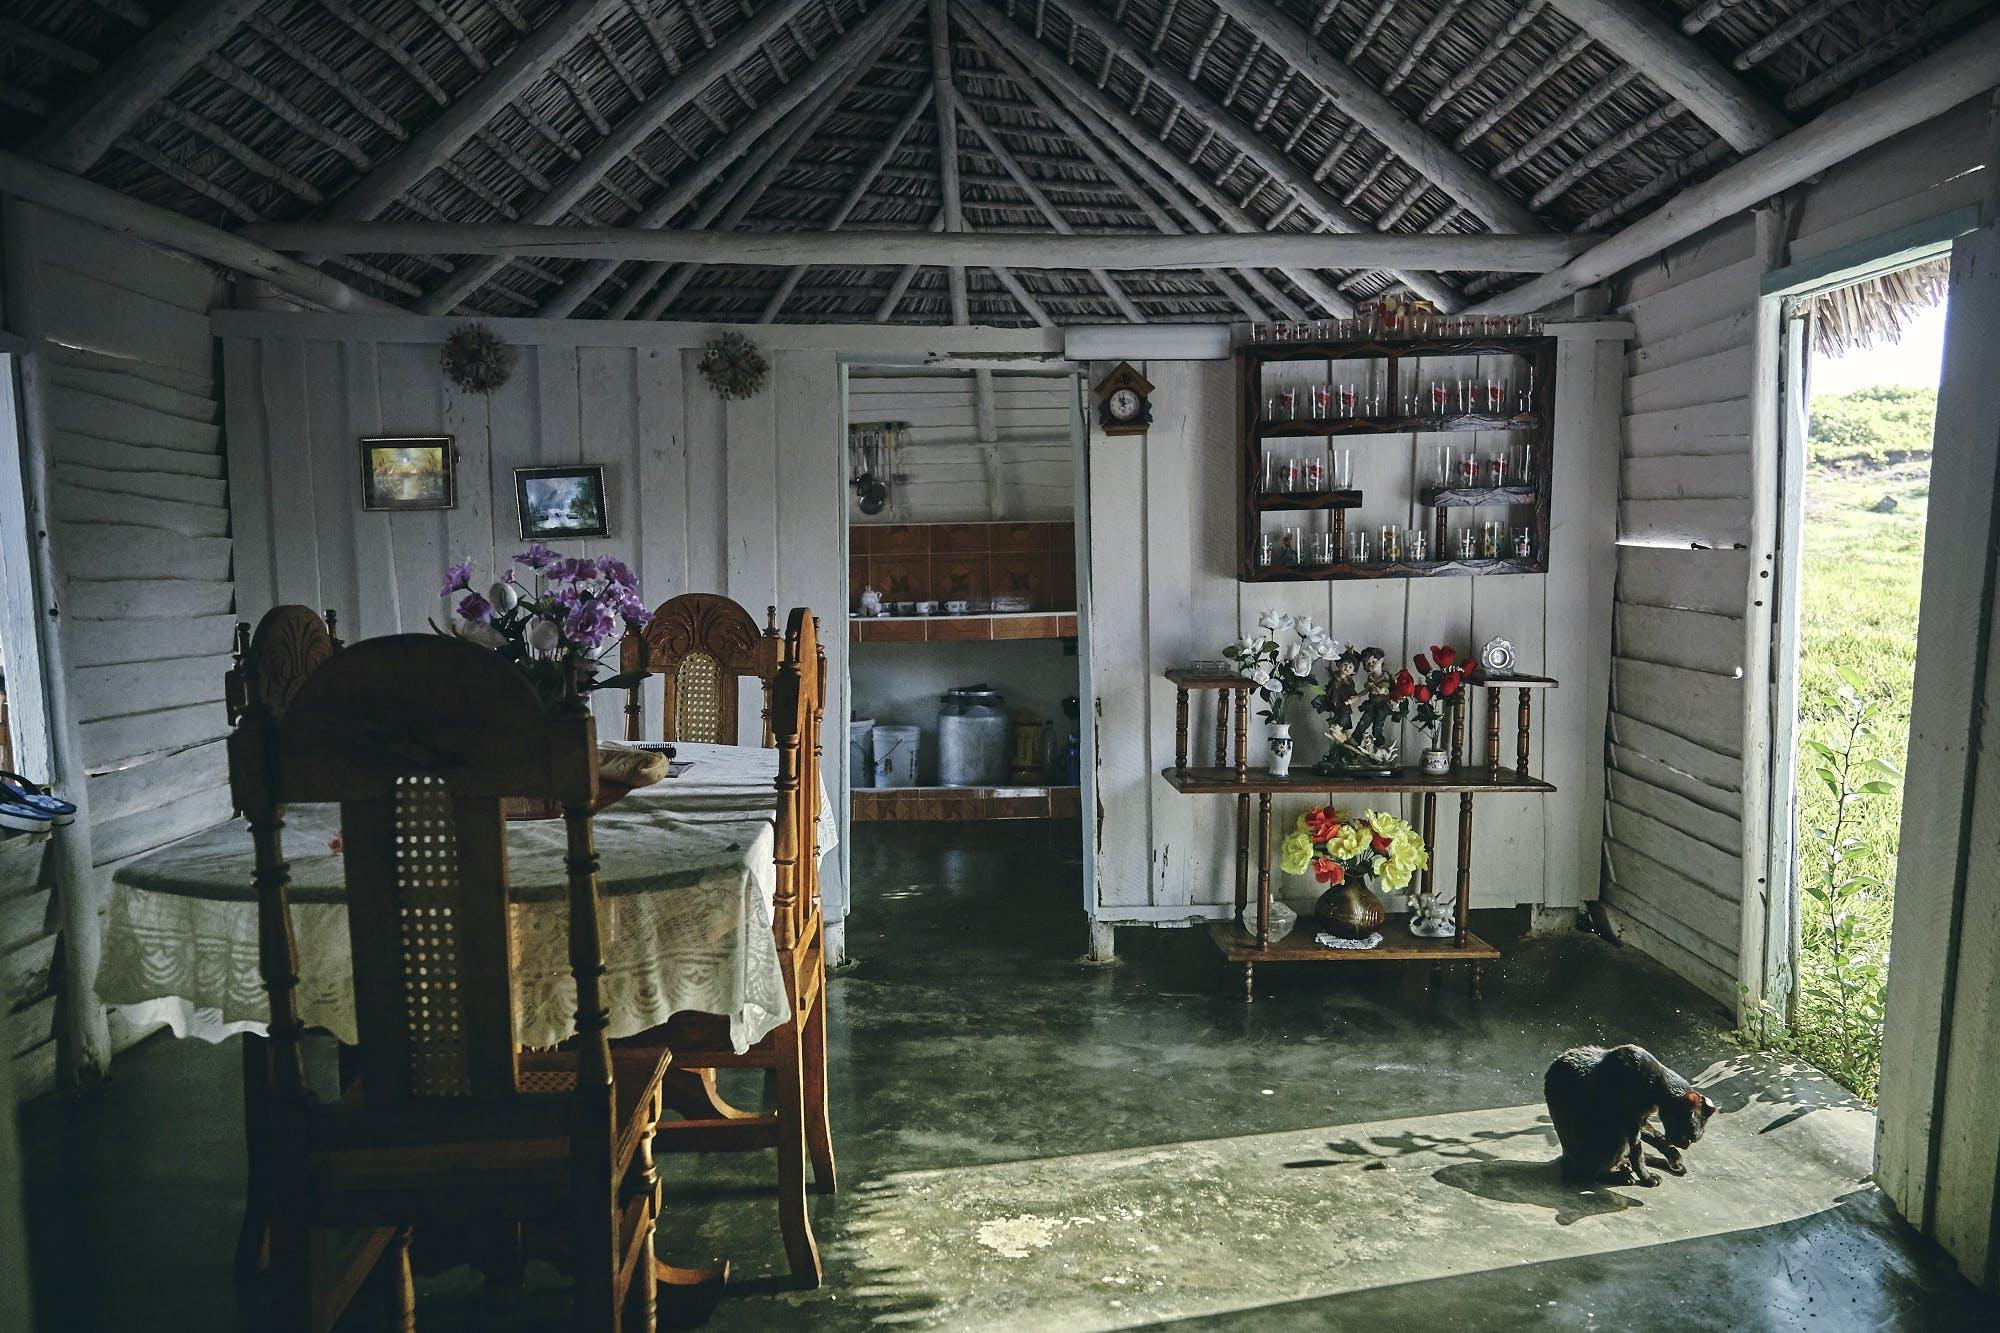 Cuban cigar makers live simple, rustic lives.